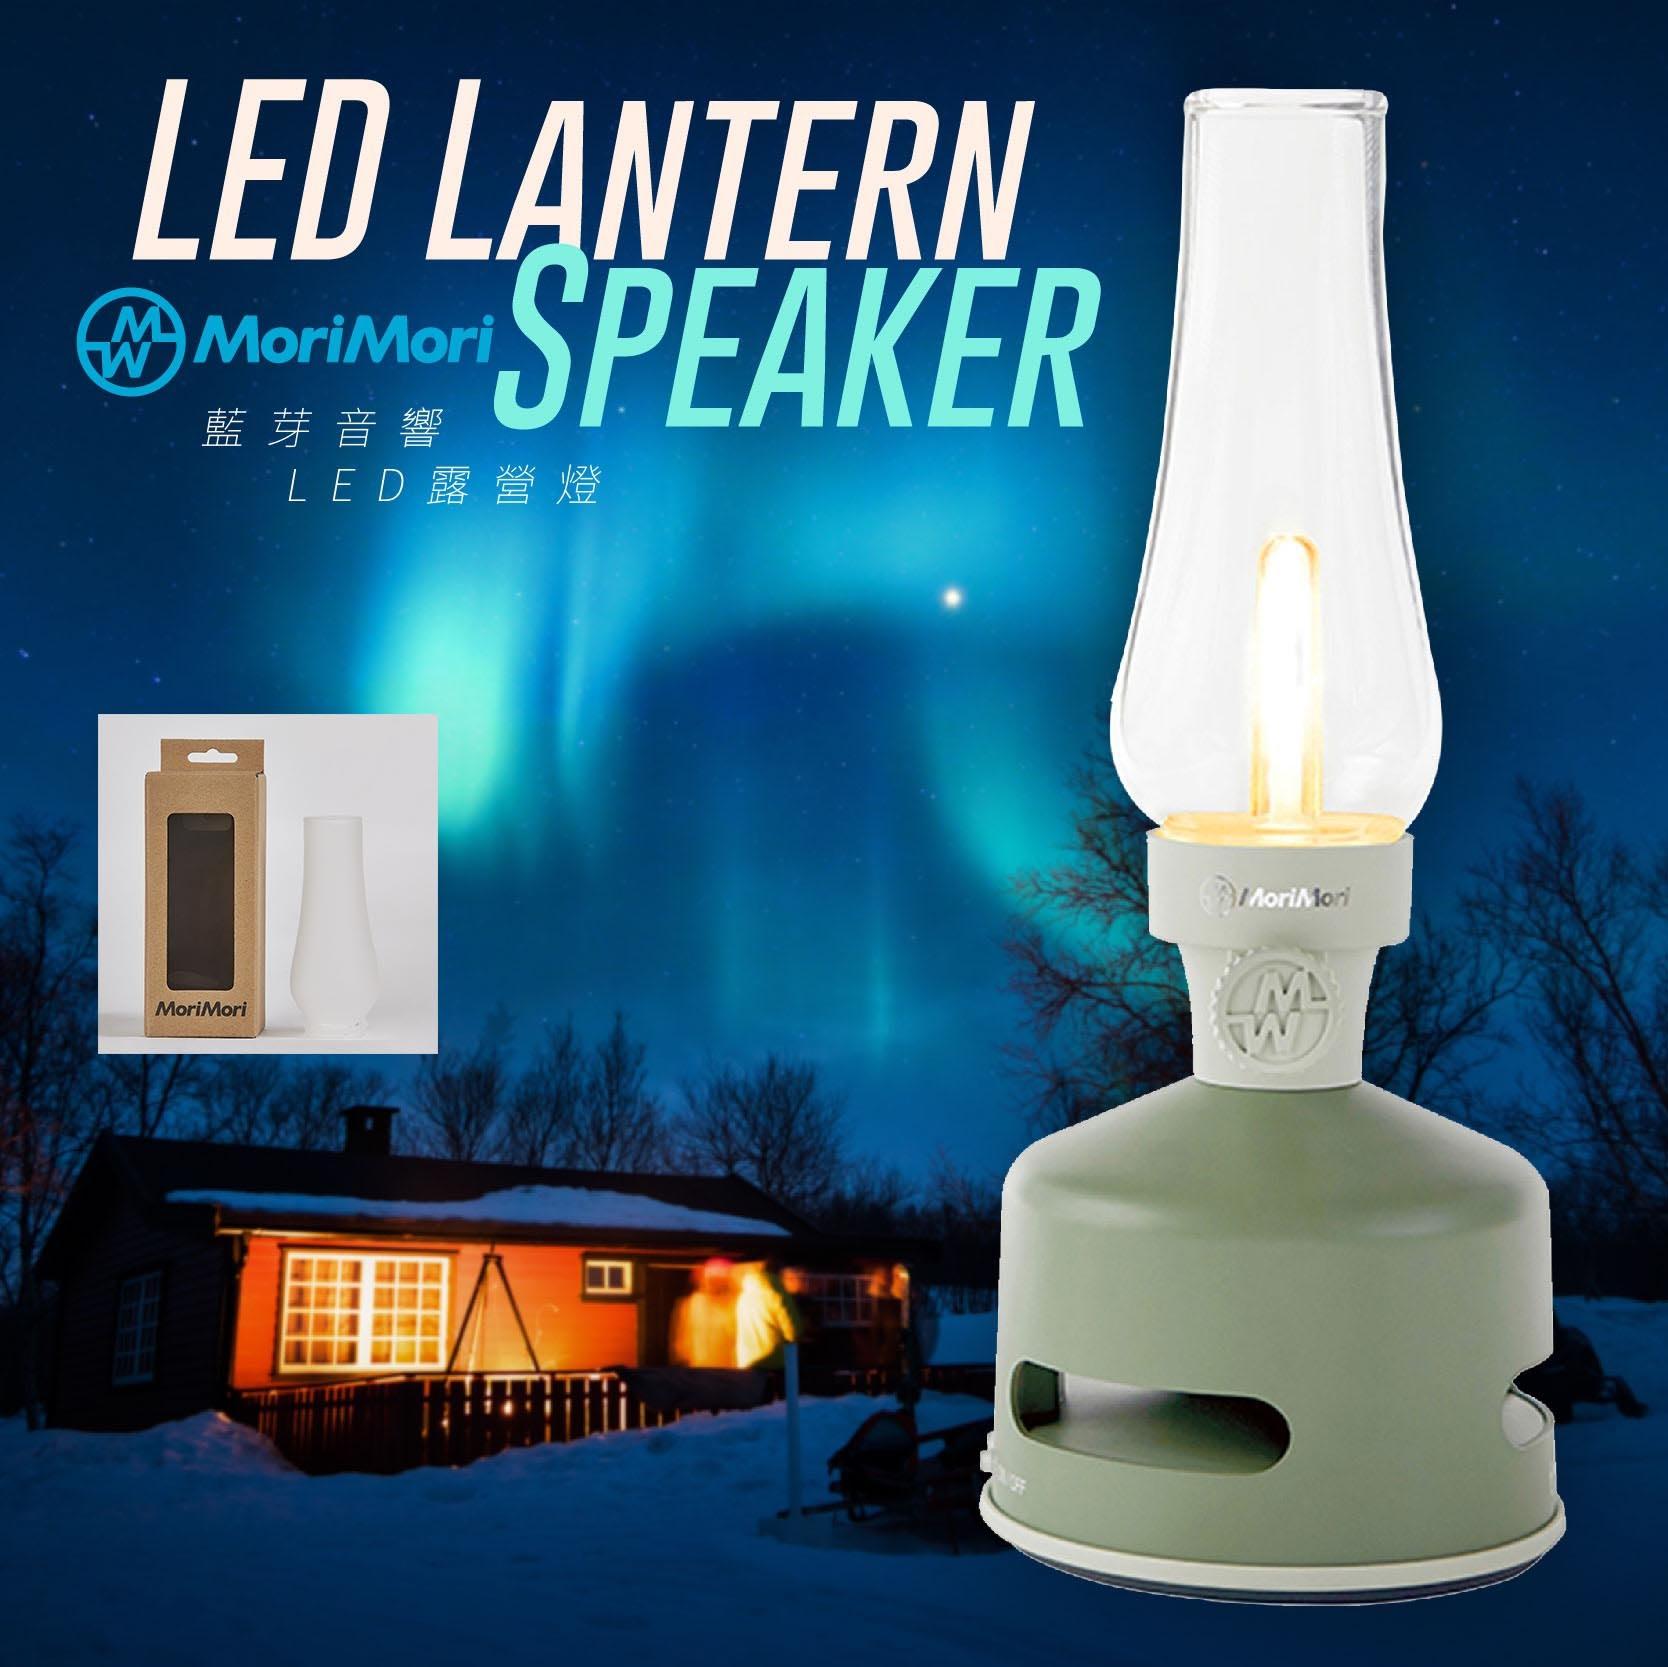 ✨加送霧面燈罩✨ MoriMori 藍牙音響LED露營燈(淺綠色) 喇叭 音響 燈具 露營燈 小夜燈 登山 露營 居家